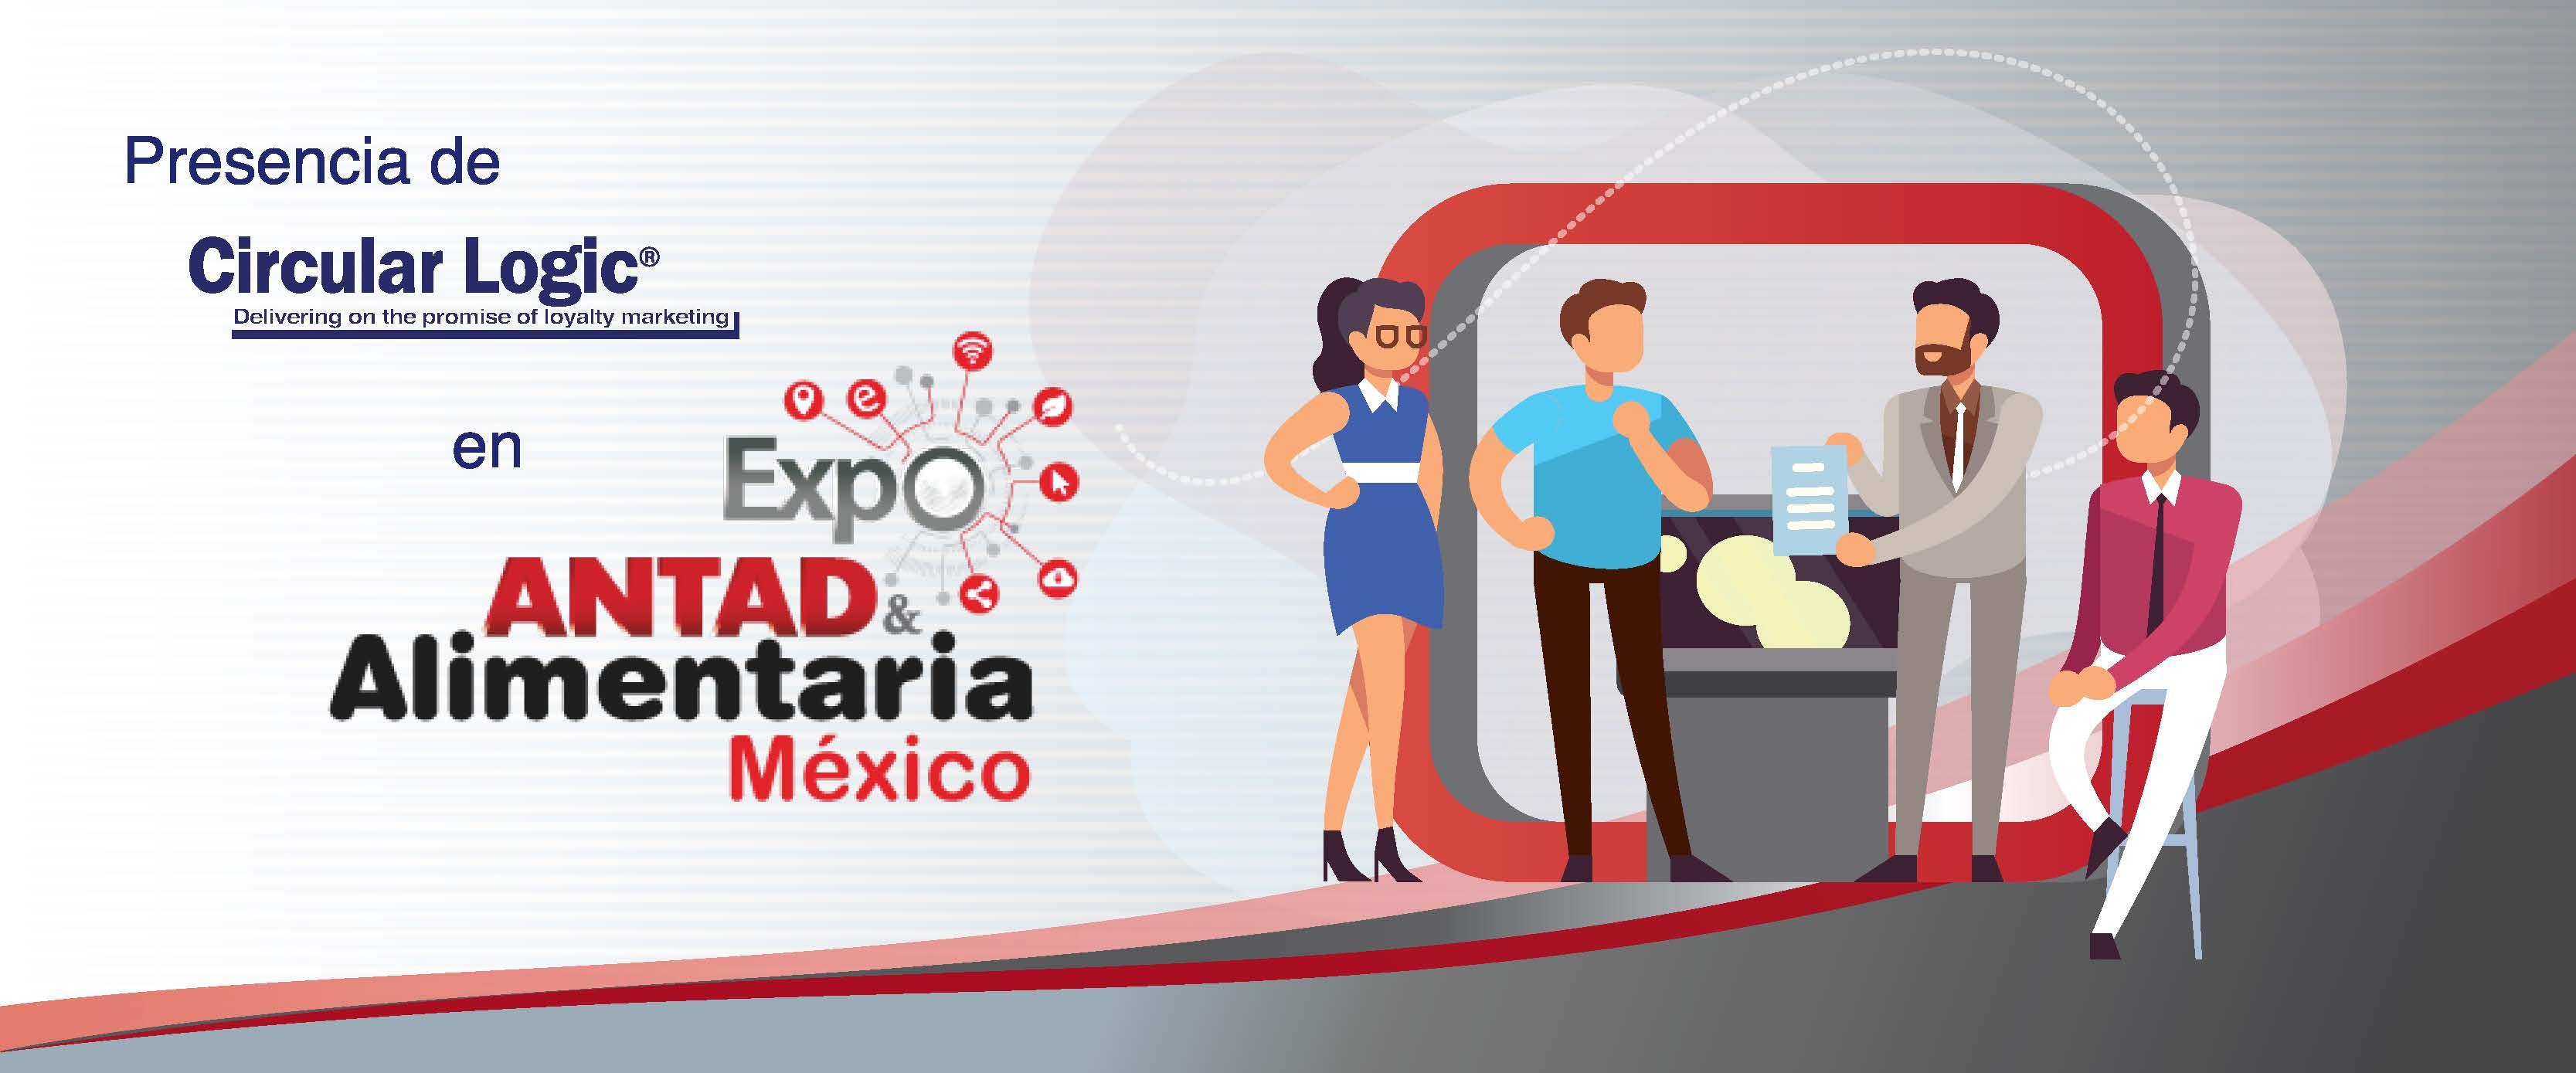 Expo Antad